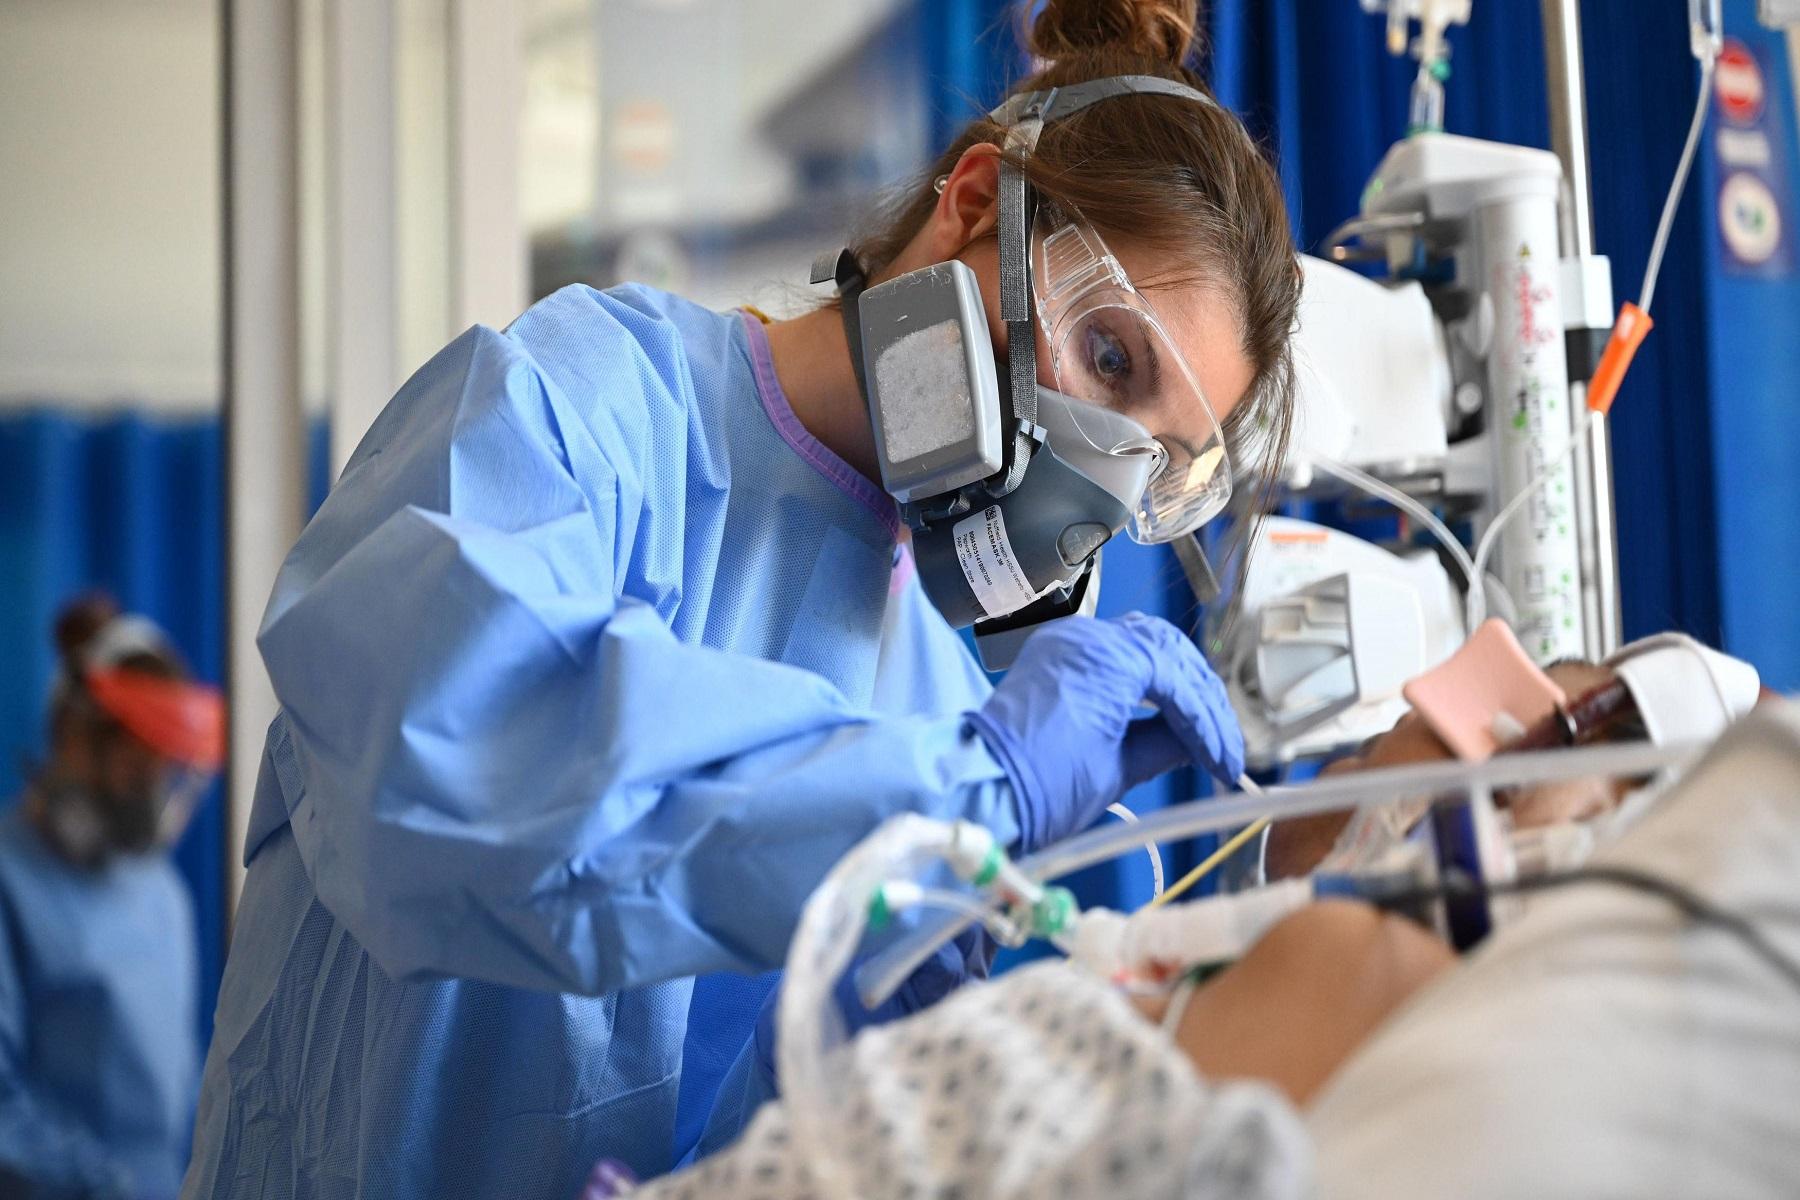 ΕΣΥ Βρετανία: Χορήγηση στατινών σε ασθενείς covid-19 ως μέρος δοκιμής